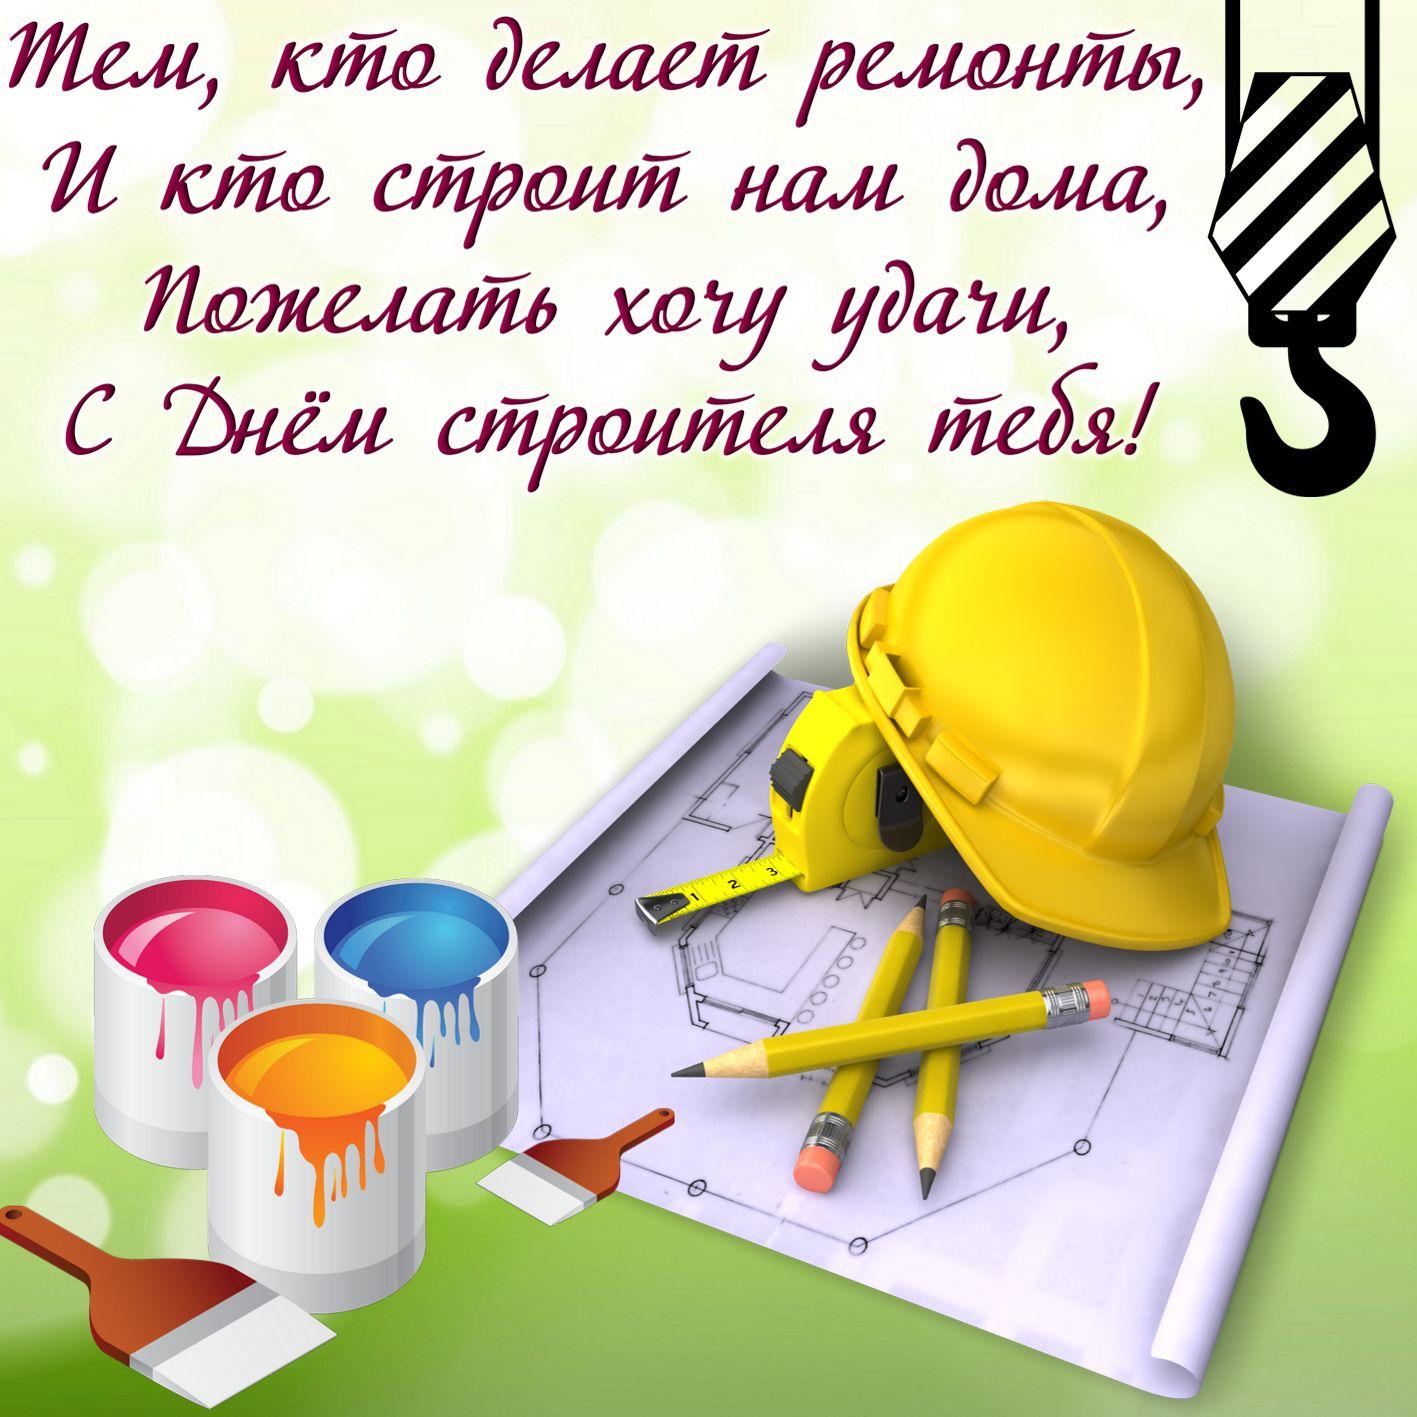 Открытка на День строителя - пожелание на фоне атрибутов строителя